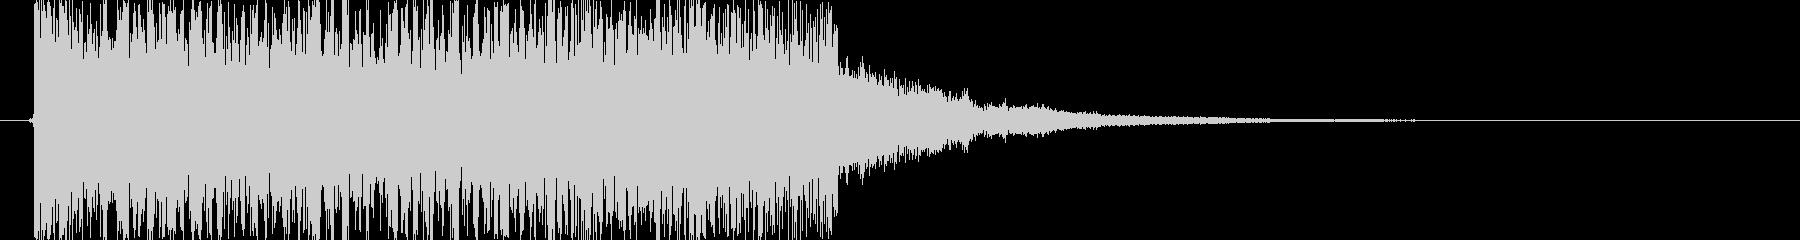 レベルアップ音の未再生の波形